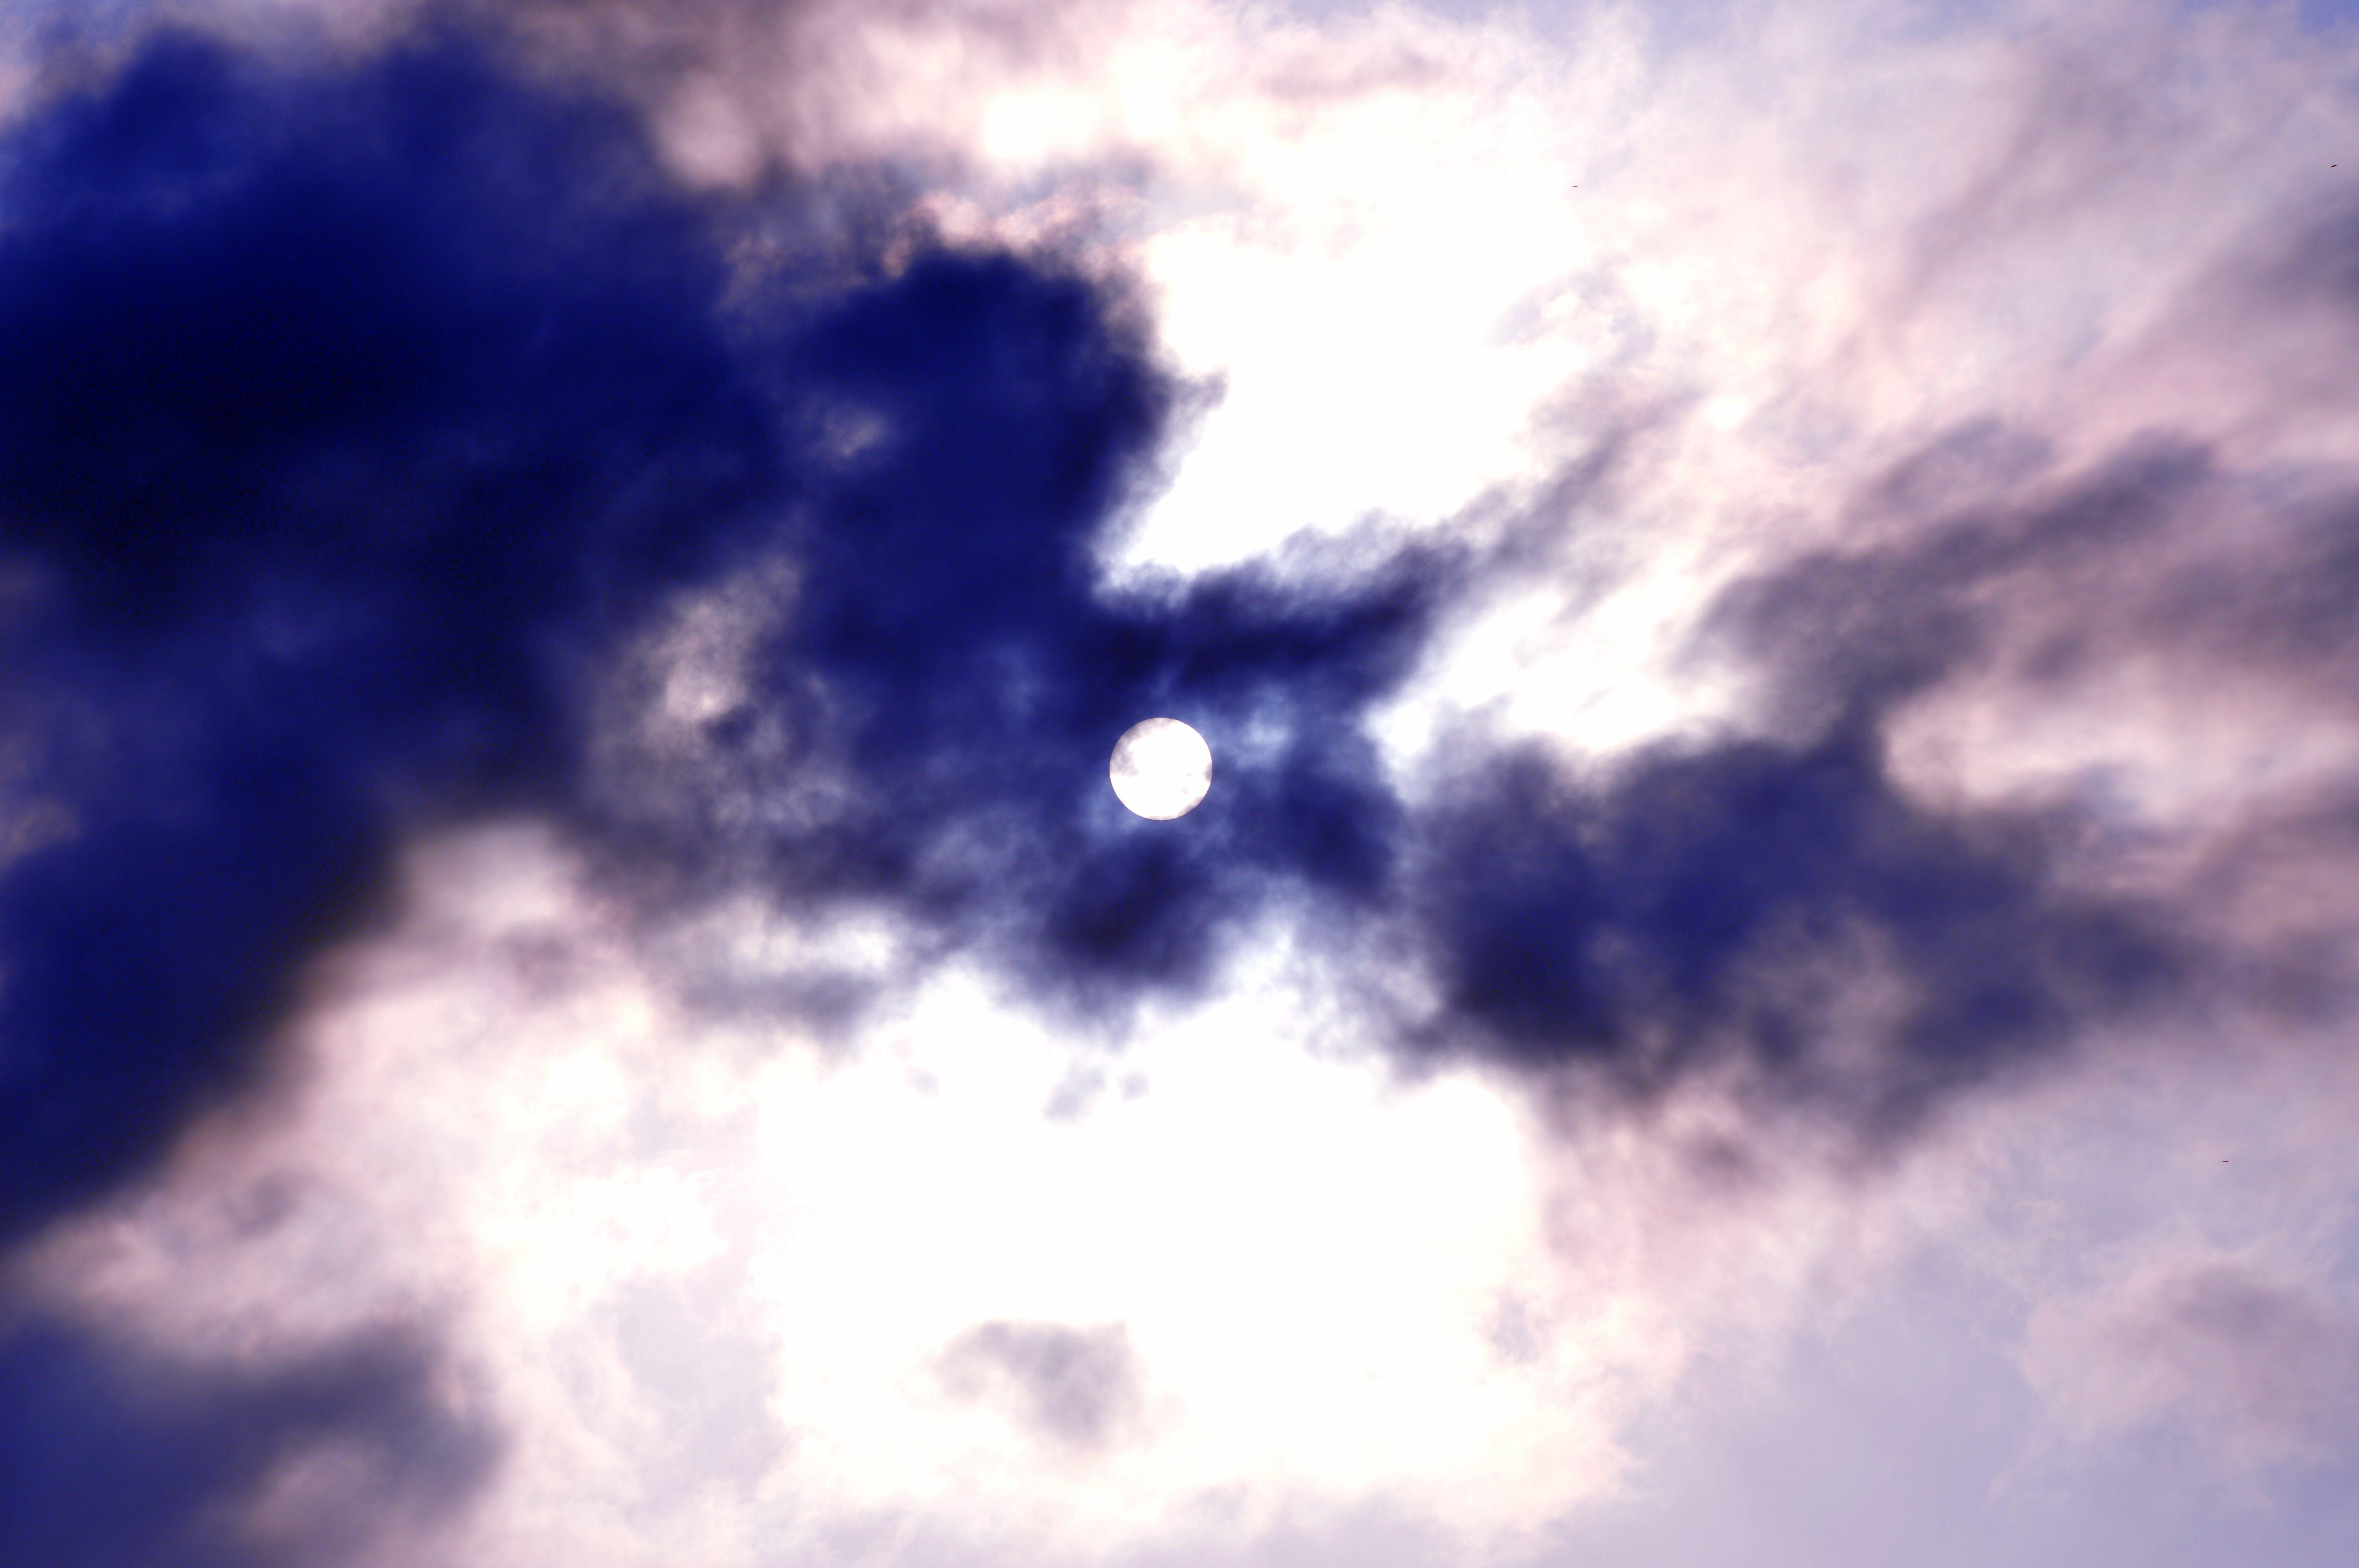 Δωρεάν στοκ φωτογραφιών με background, ήλιος, καλύπτονται από τον ήλιο, σύννεφα